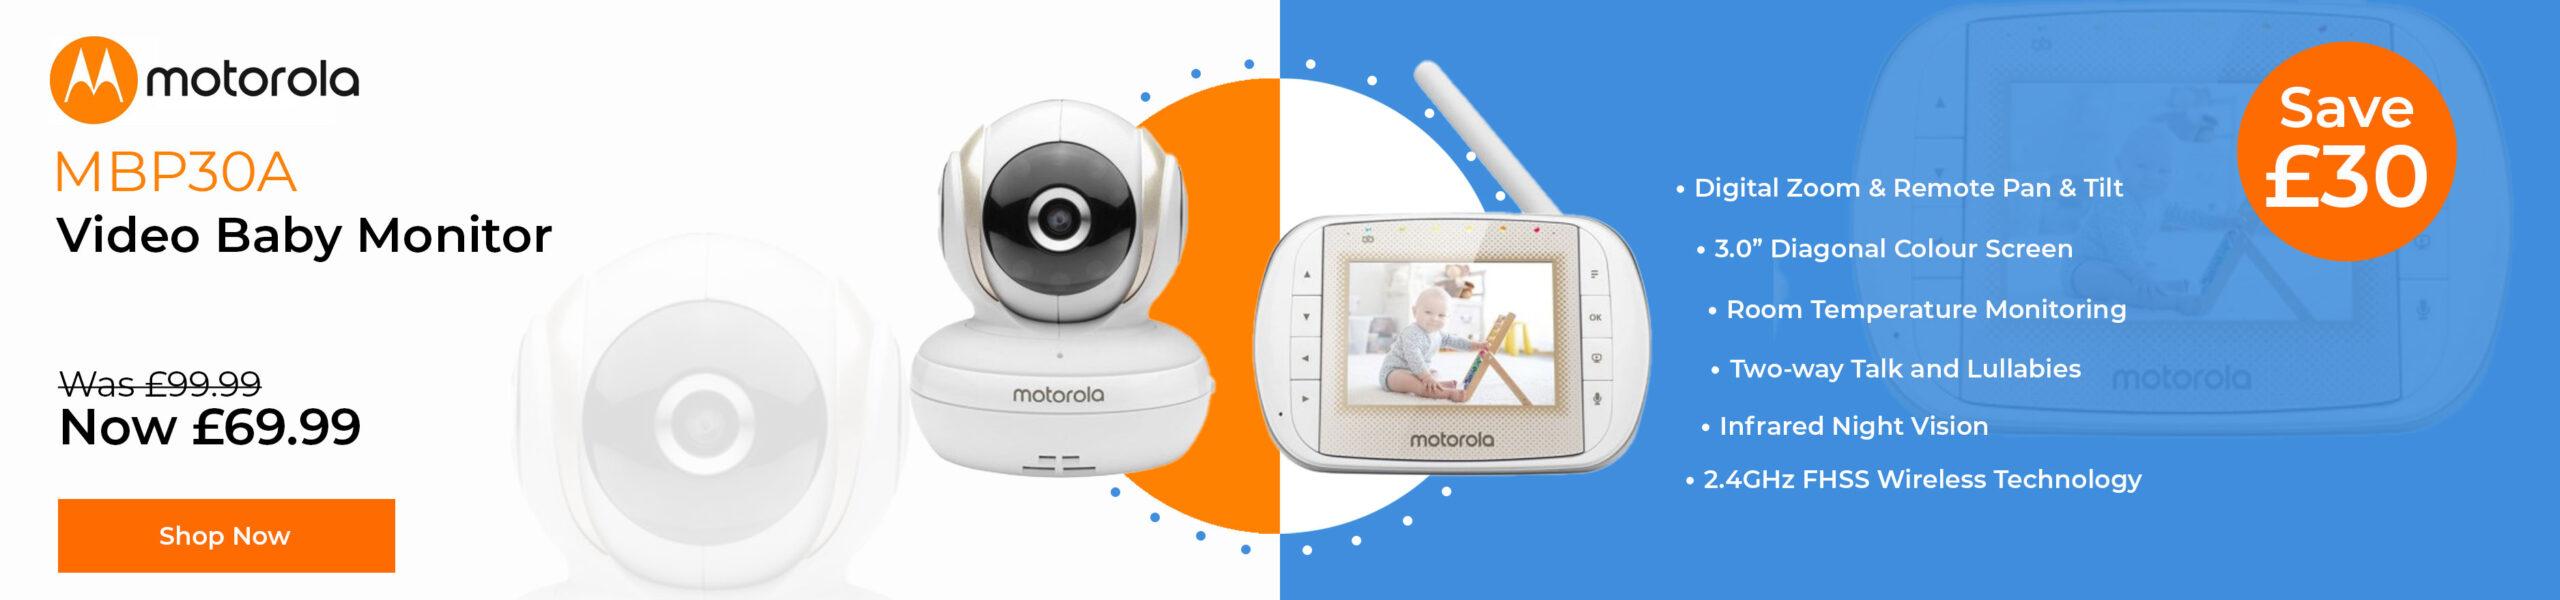 Motorola MBP30A